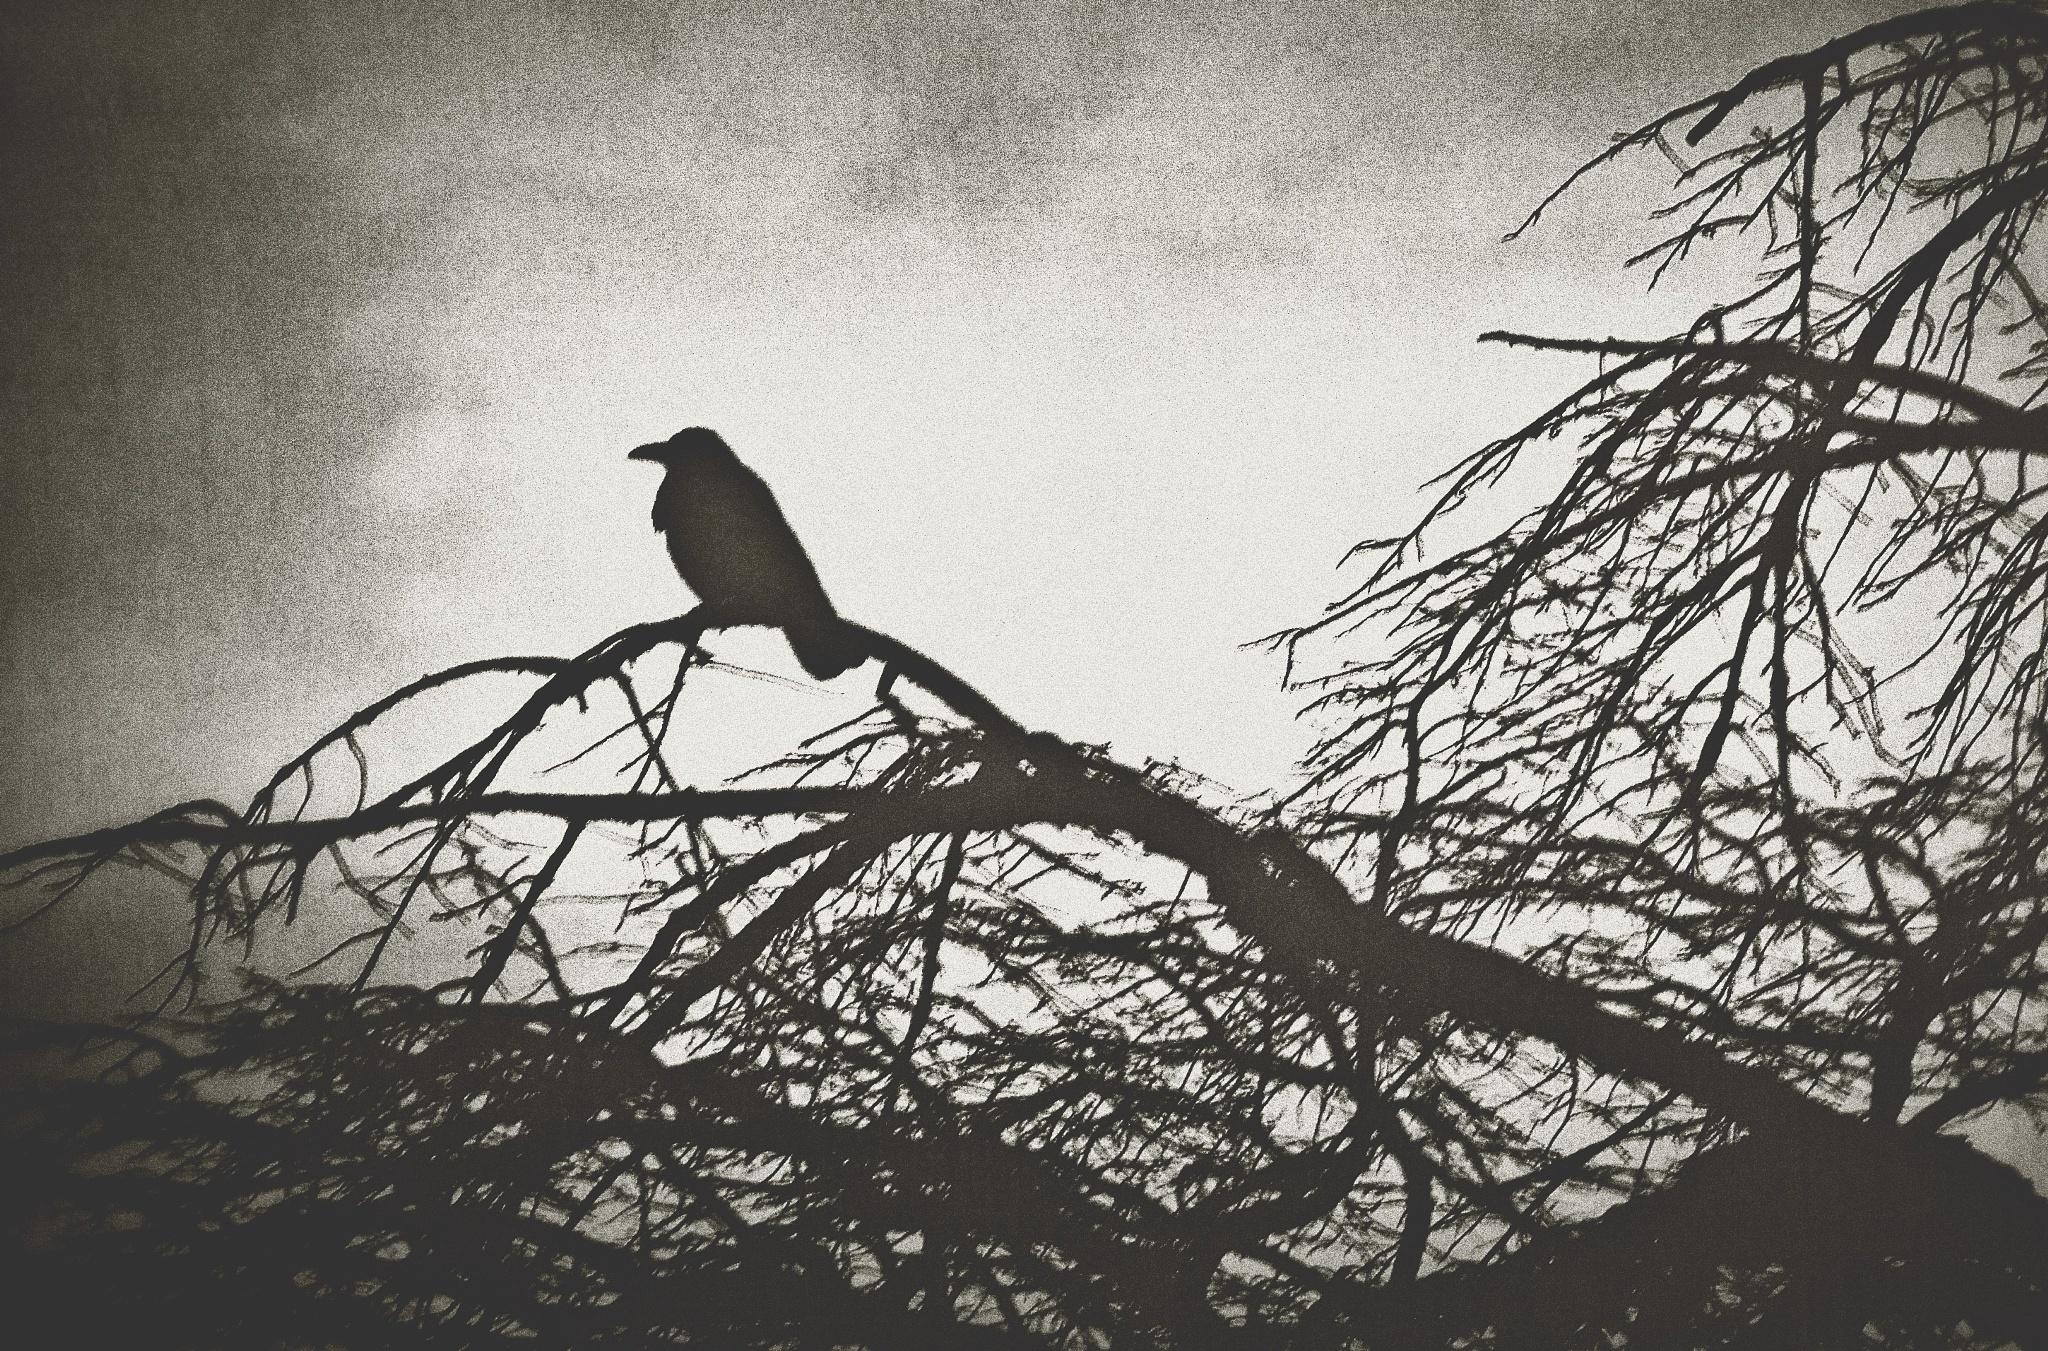 Crow by Hitoshi Matsumoto